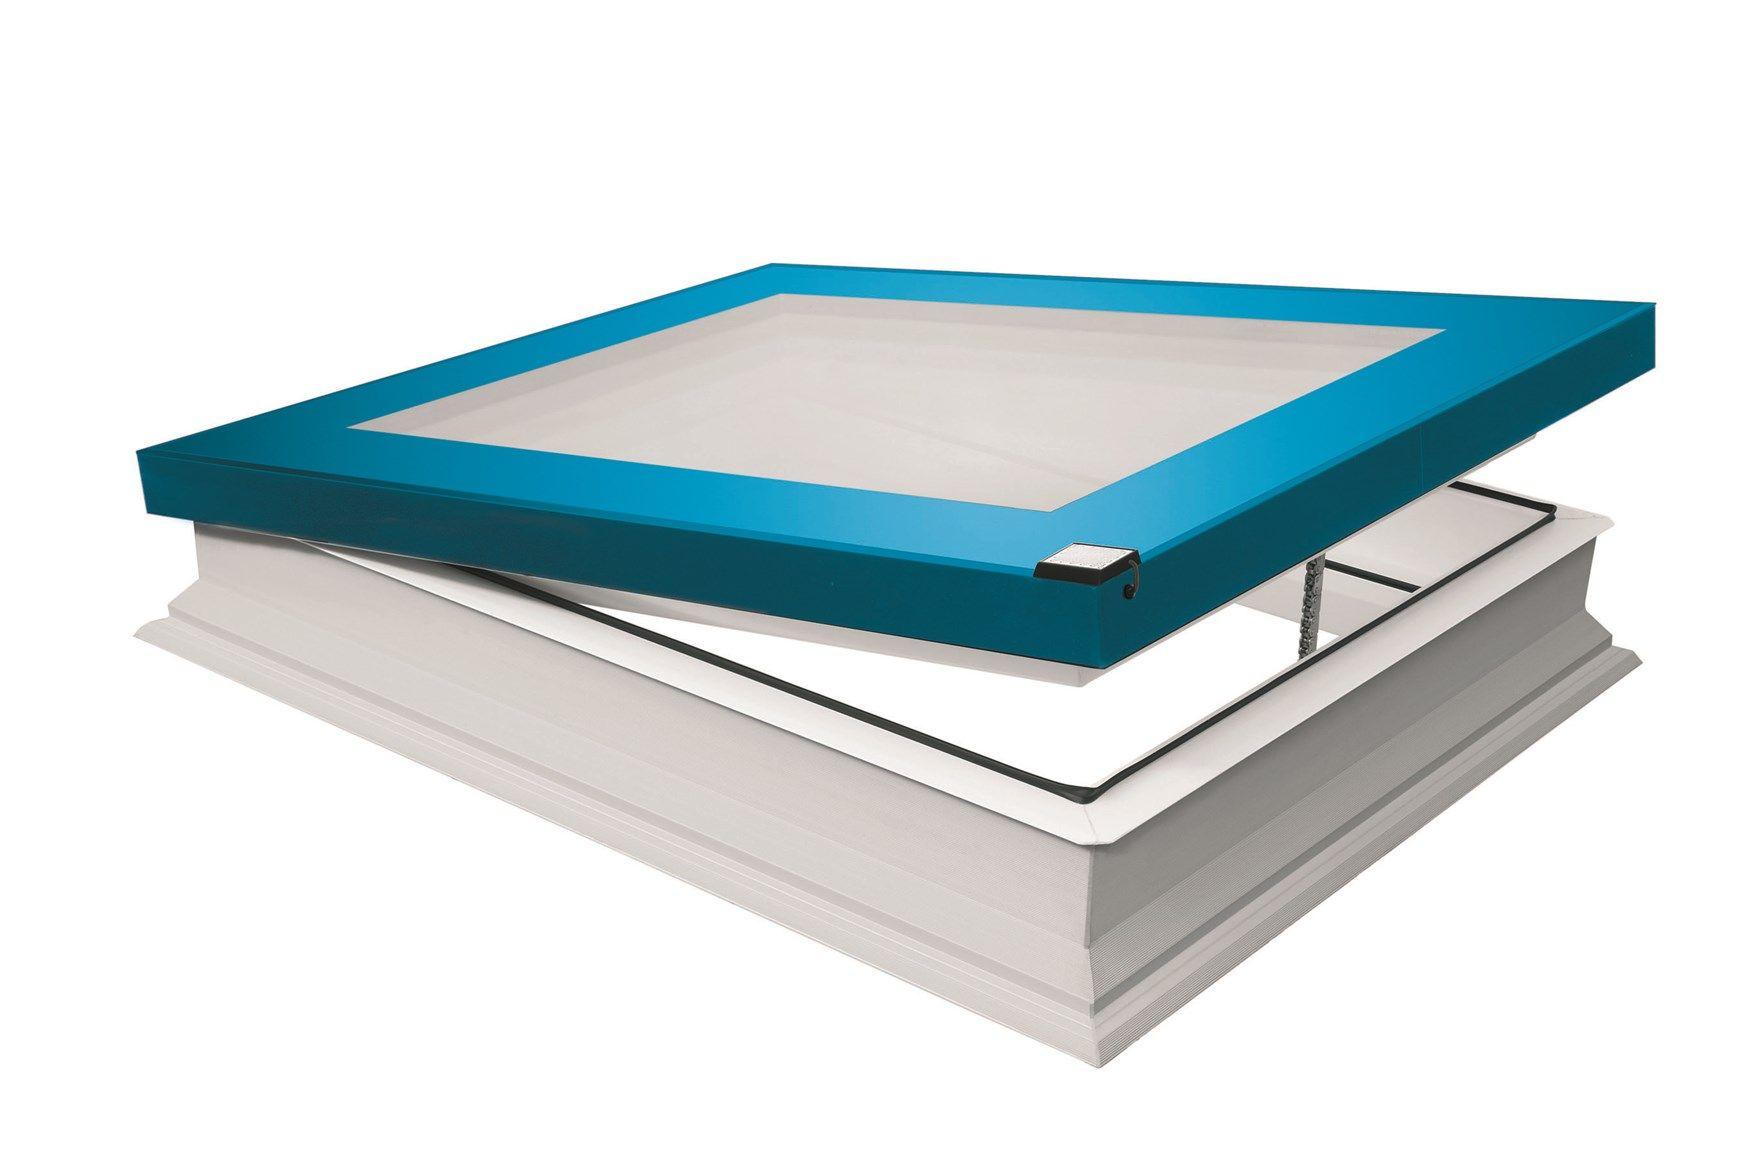 Finestra per tetti piatti FAKRO modello F Colourline: la più evoluta tecnologia si veste di colore